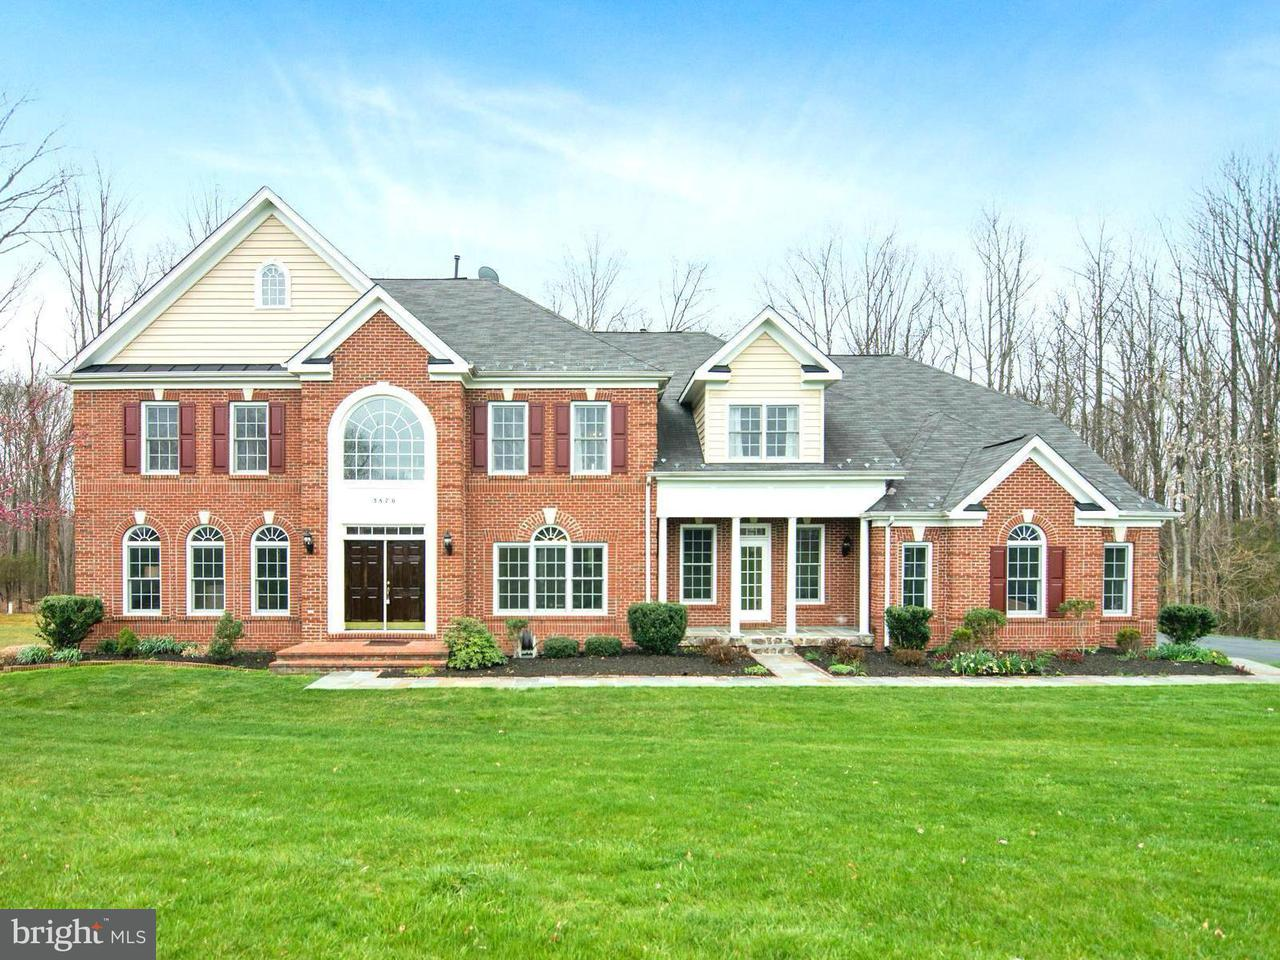 獨棟家庭住宅 為 出售 在 3870 AVONLEA WAY 3870 AVONLEA WAY Catharpin, 弗吉尼亞州 20143 美國